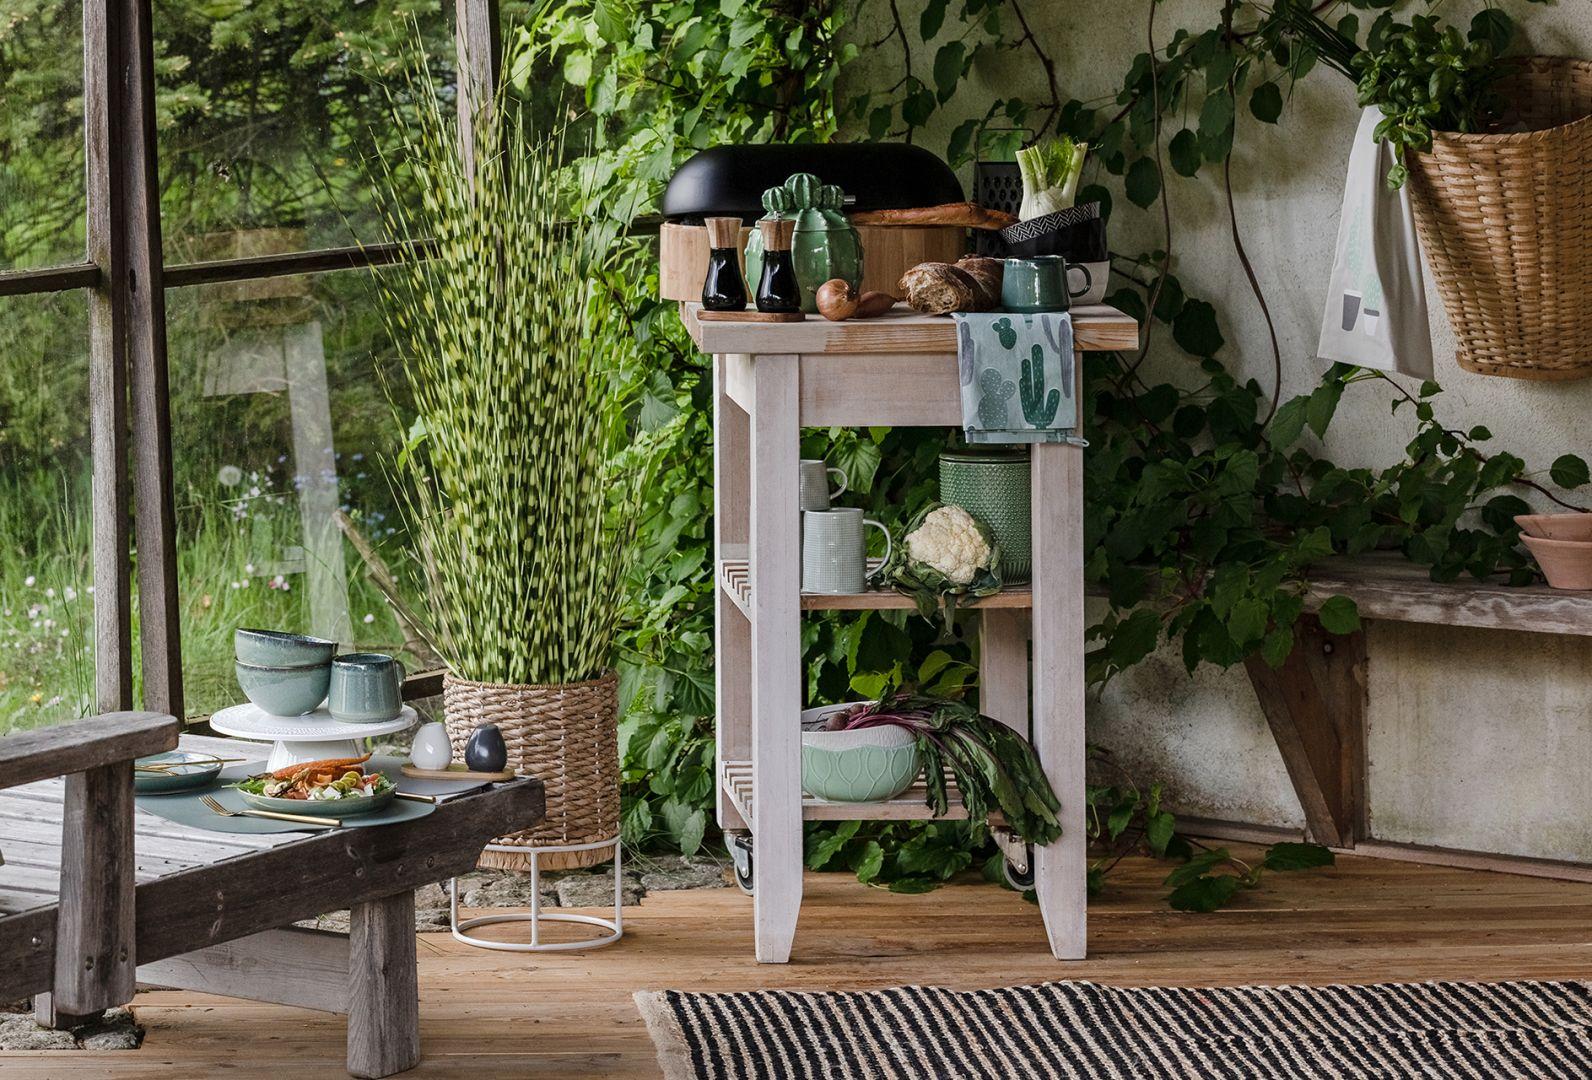 Do kuchni, podobanie jak do całego mieszkania warto wprowadzić zgaszoną wersję zielonego koloru w formie podręcznych tekstyliów, naczyń i pojemników do przechowywania żywności. Nadamy pomieszczeniom nieco nienachalnej, kojącej świeżości. Fot. Home&You